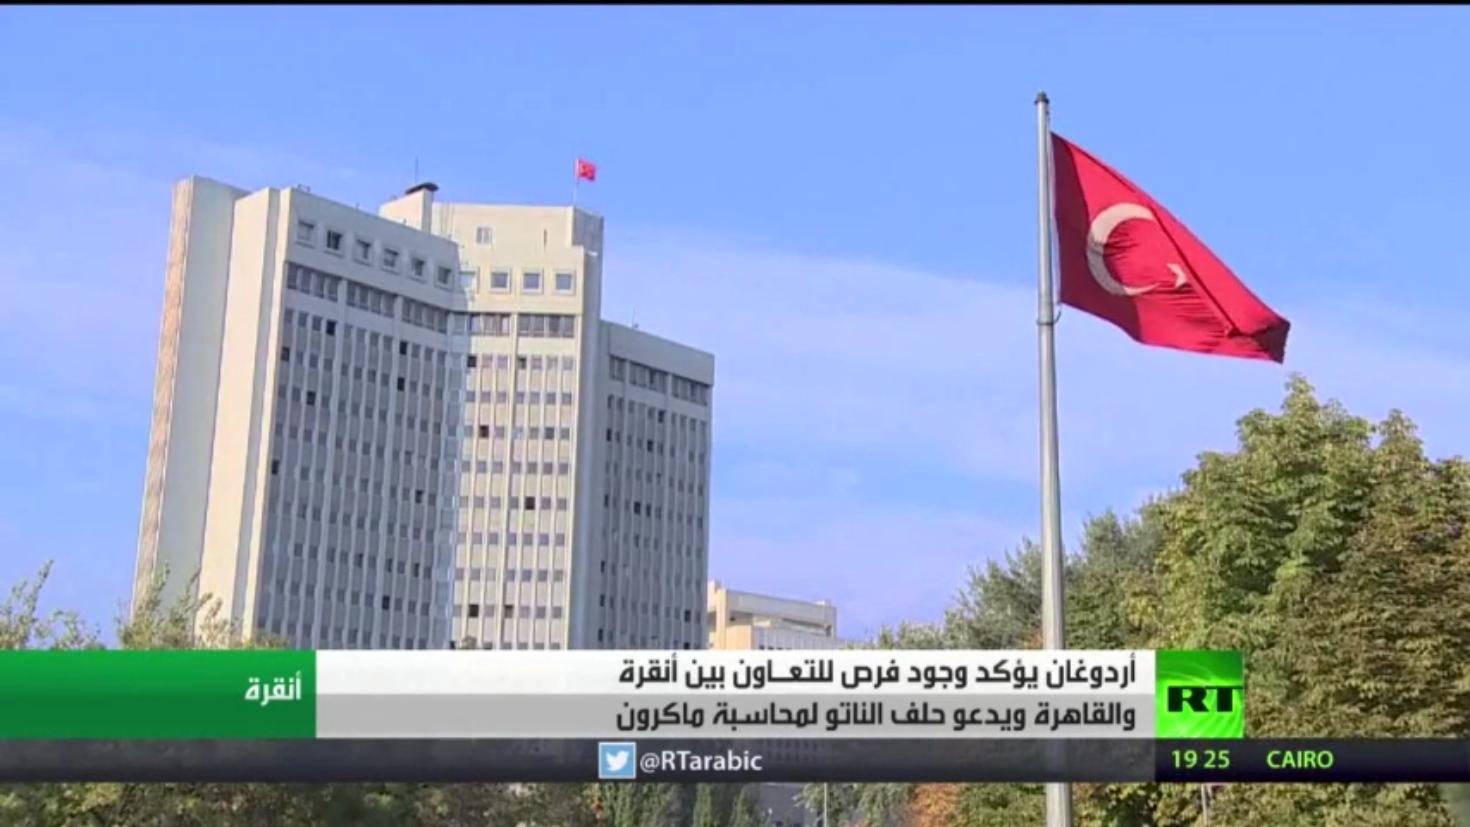 أردوغان: فرص التعاون مع مصر كبيرة